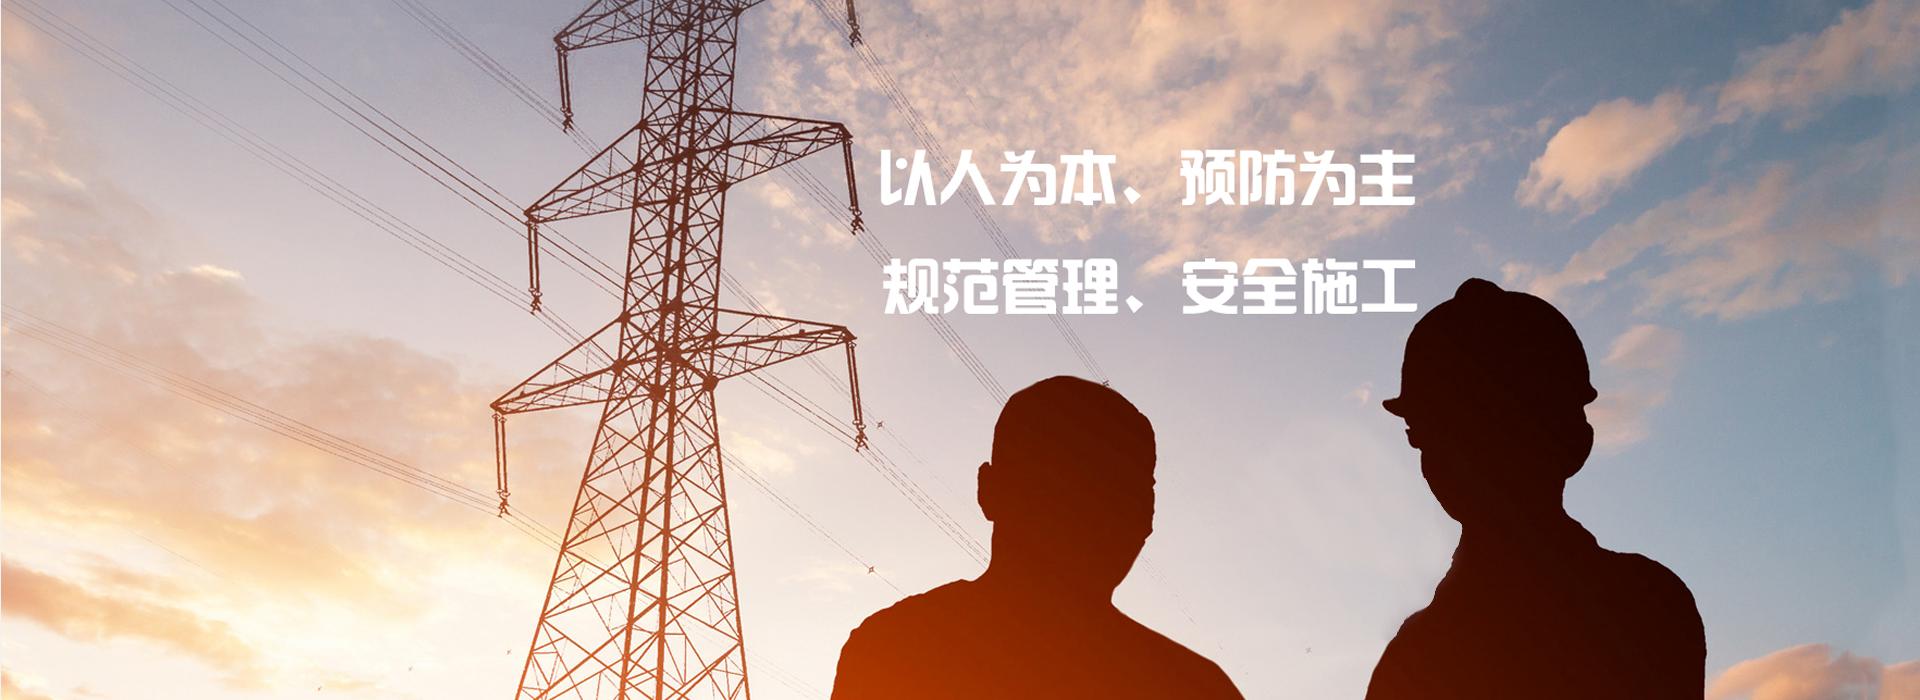 中山水电安装工程